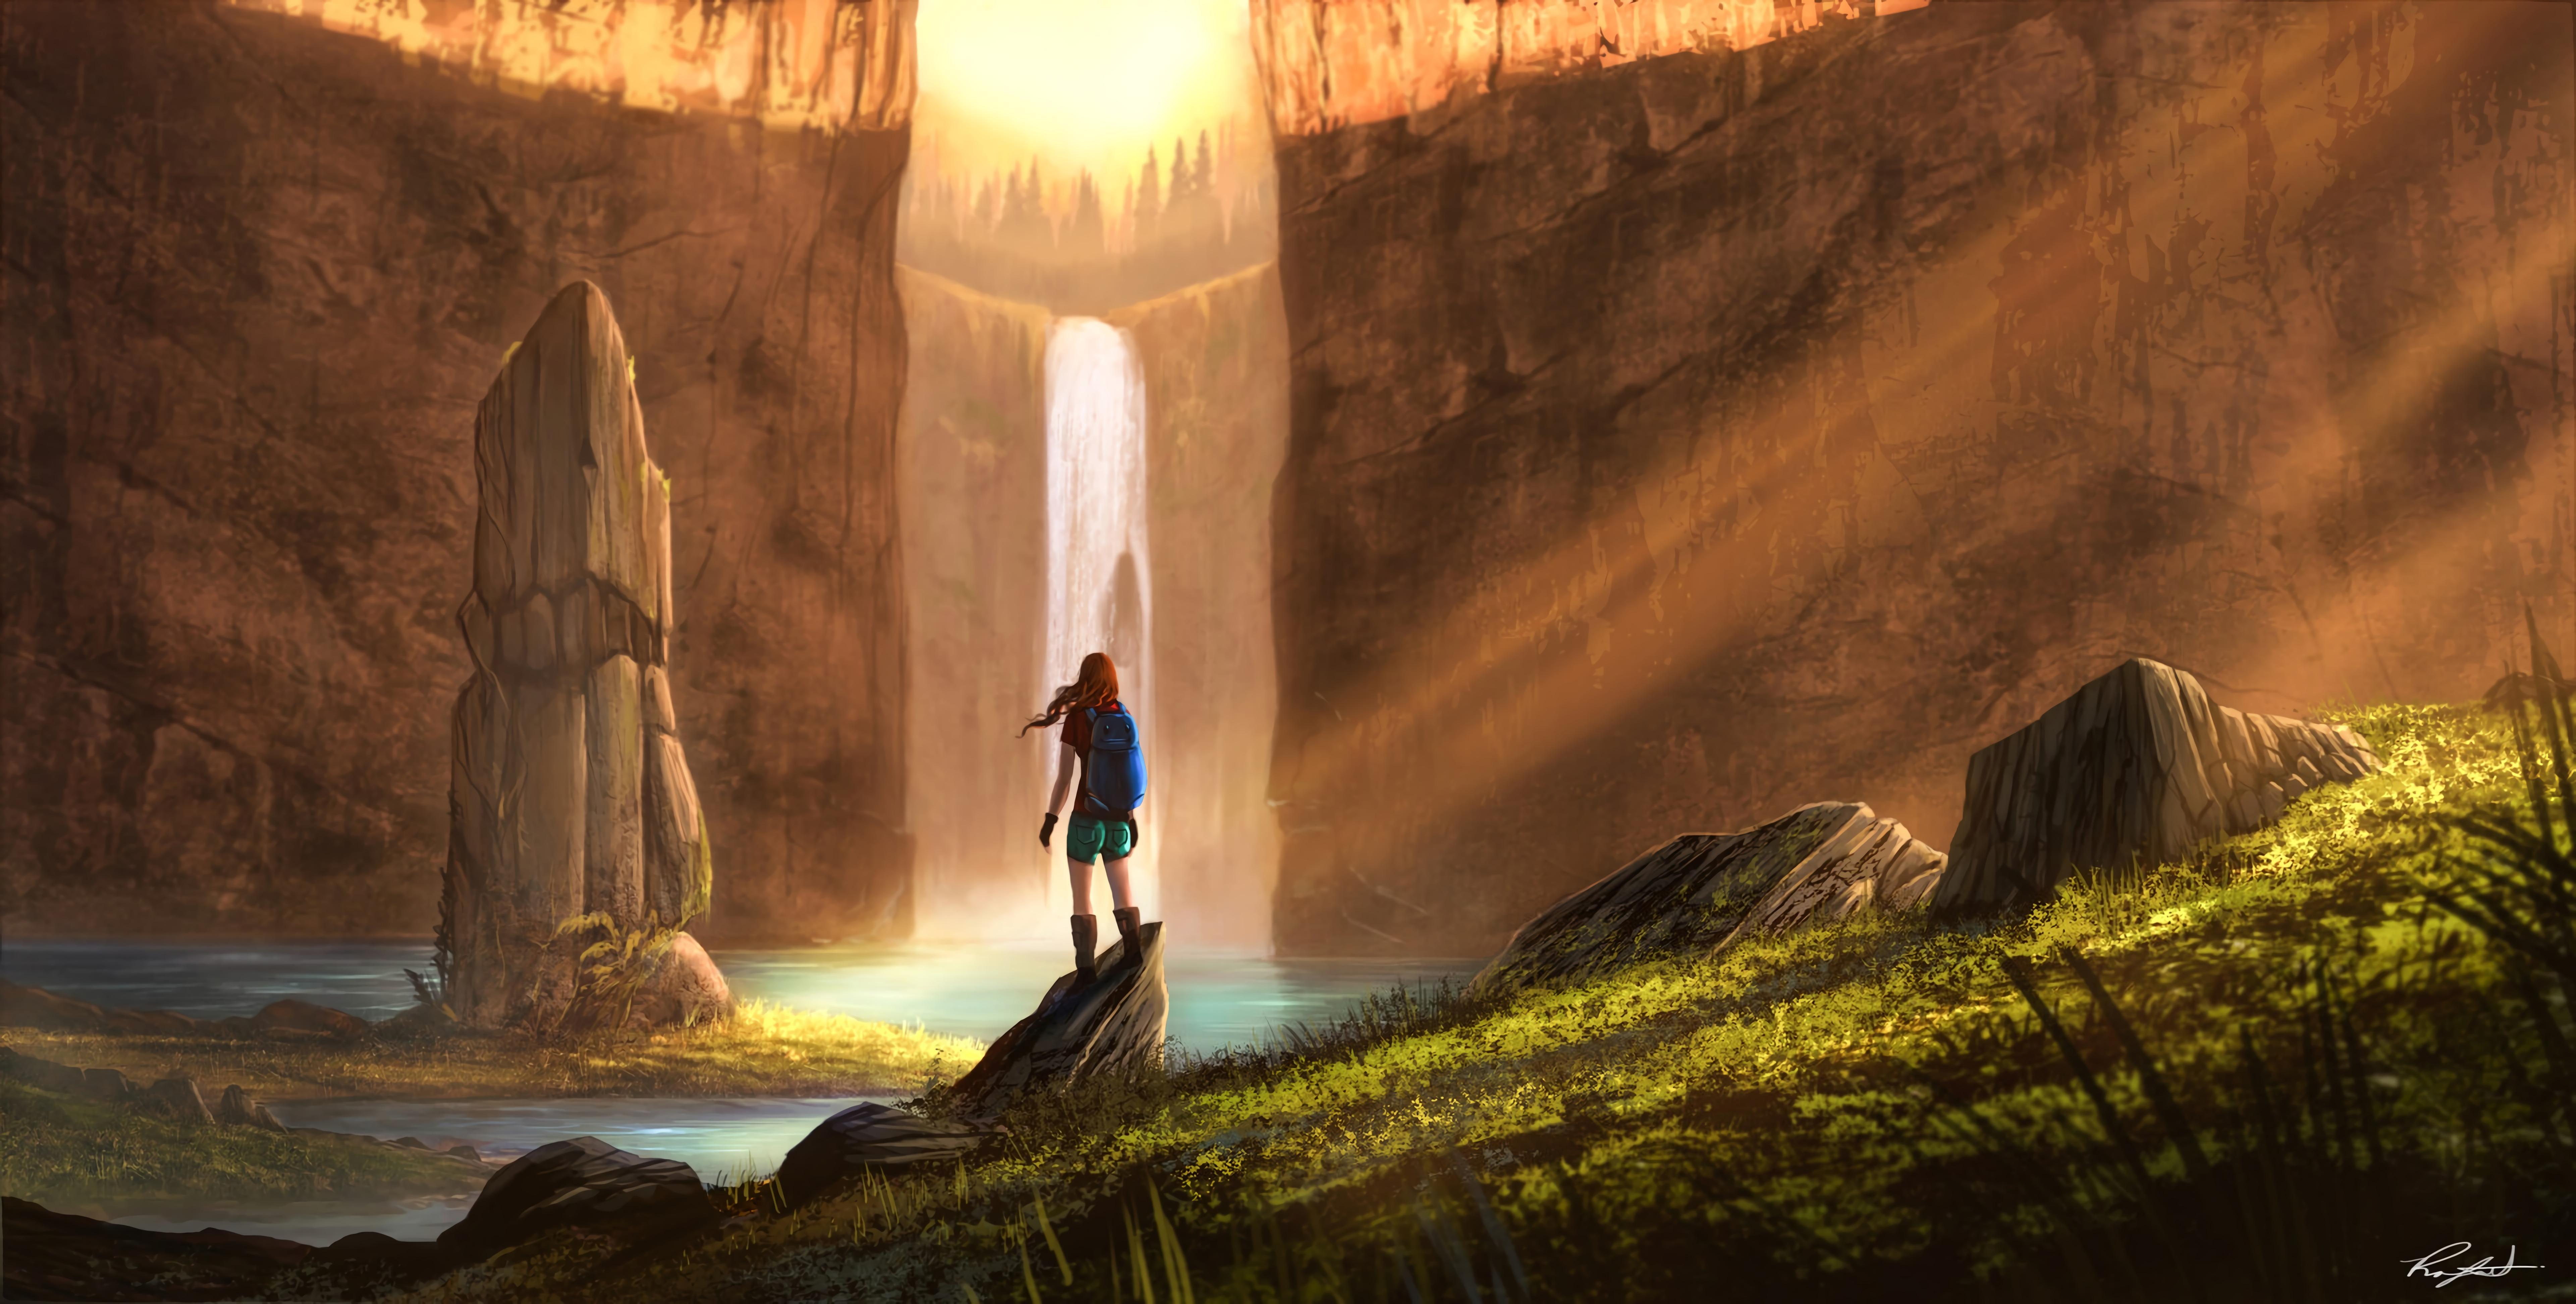 66381 скачать обои Девушка, Водопад, Скалы, Путешествие, Арт - заставки и картинки бесплатно